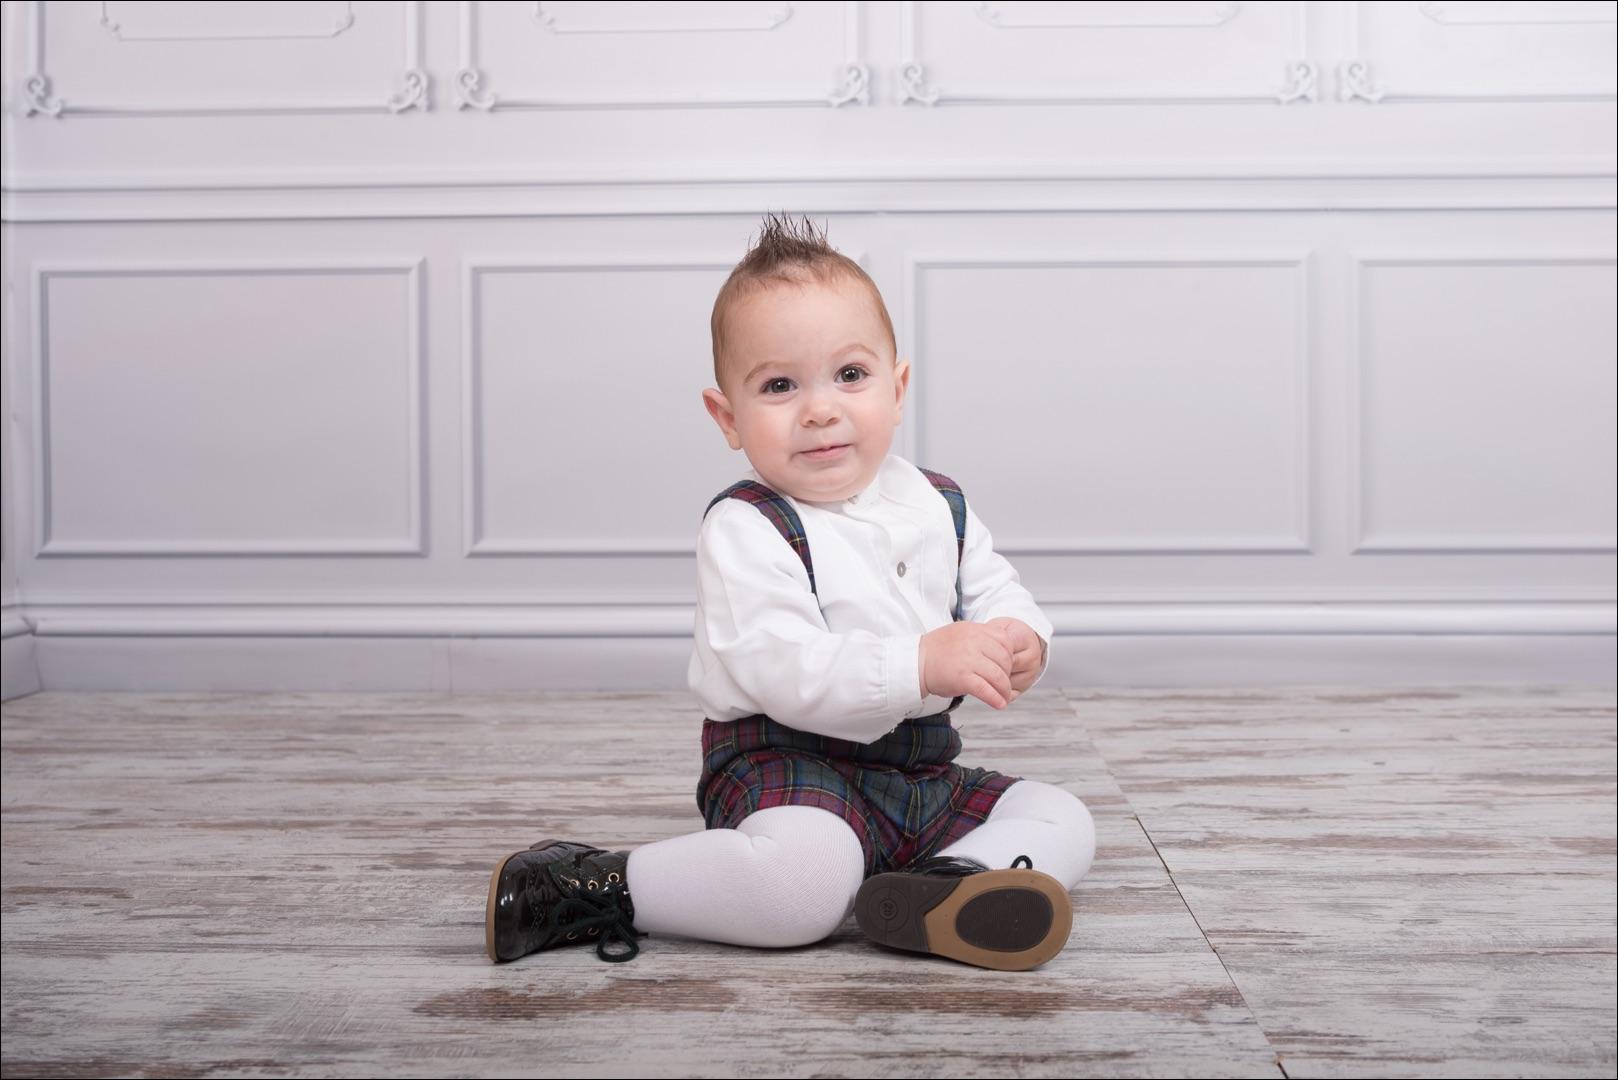 Fran_Puig_fotografo, fotografo_crevillente, fotografo_alicante, fotografo_murcia, estudio_fotografico, babies&kids, foto_famllia, niños, peques, niñas, fotografo_newborn, newborn, recien_nacidos, fotografo_de_bebes